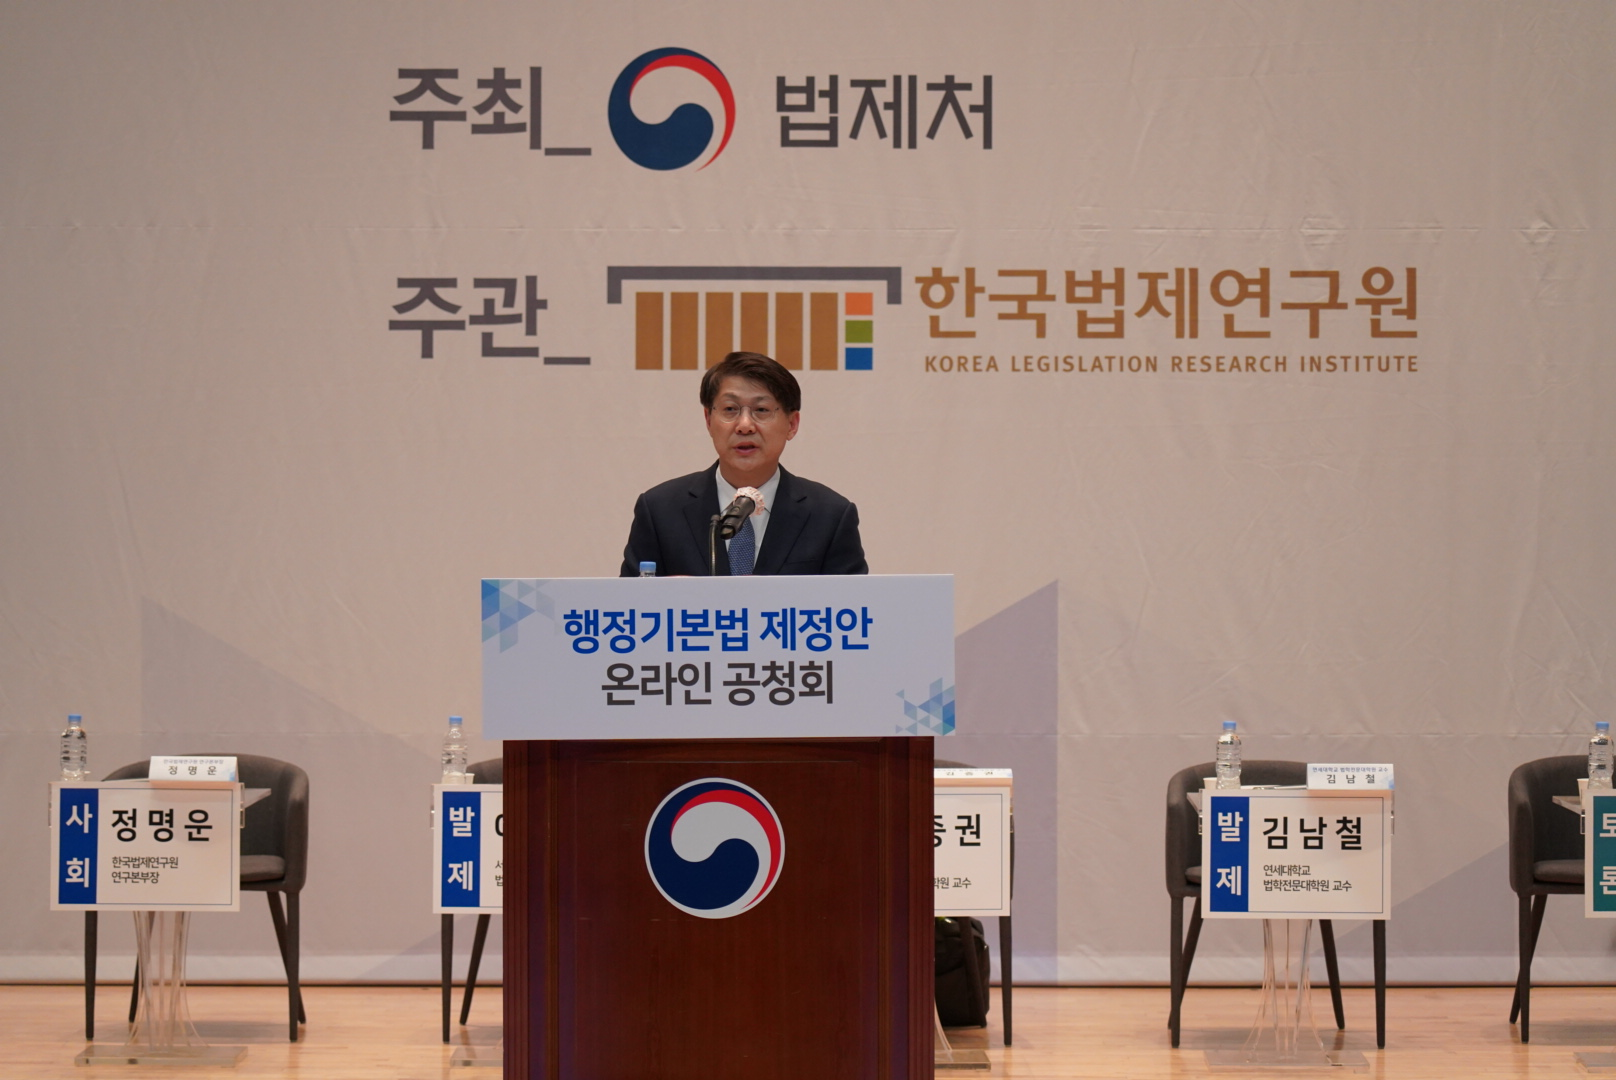 행정기본법 제정안 온라인 공청회-법제처장 인사말